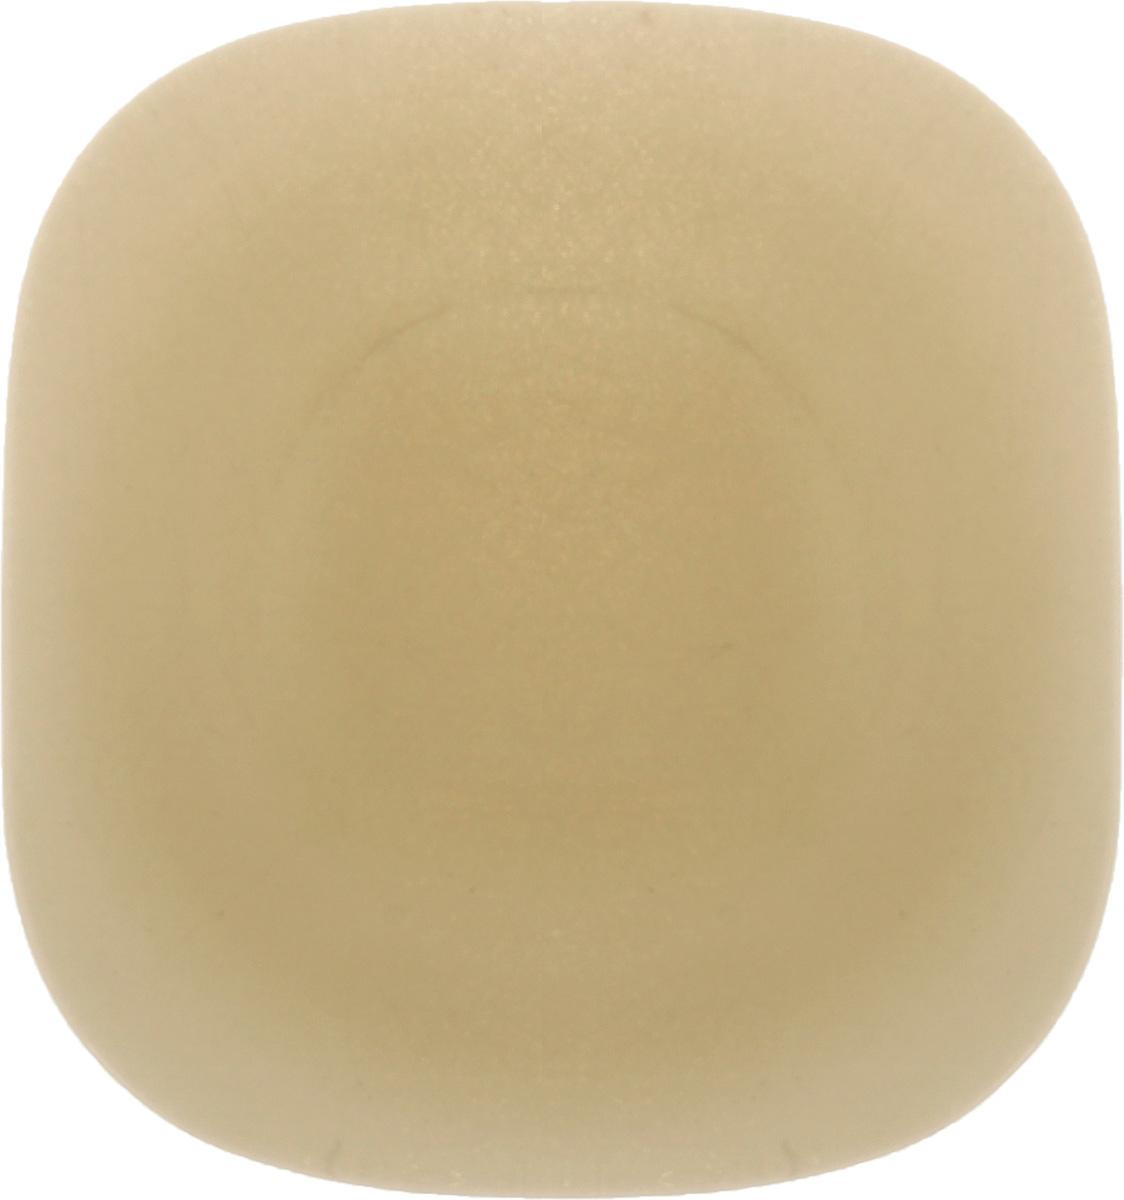 Тарелка десертная Luminarc Carine Eclipse, диаметр 19 х 19 см115510Десертная тарелка Luminarc Carine Eclipse, изготовленная из ударопрочного стекла, имеет изысканный внешний вид. Такая тарелка прекрасно подходит как для торжественных случаев, так и для повседневного использования. Идеальна для подачи десертов, пирожных, тортов и многого другого. Она прекрасно оформит стол и станет отличным дополнением к вашей коллекции кухонной посуды. Размер тарелки (по верхнему краю): 19 см. Высота тарелки: 1,7 см.